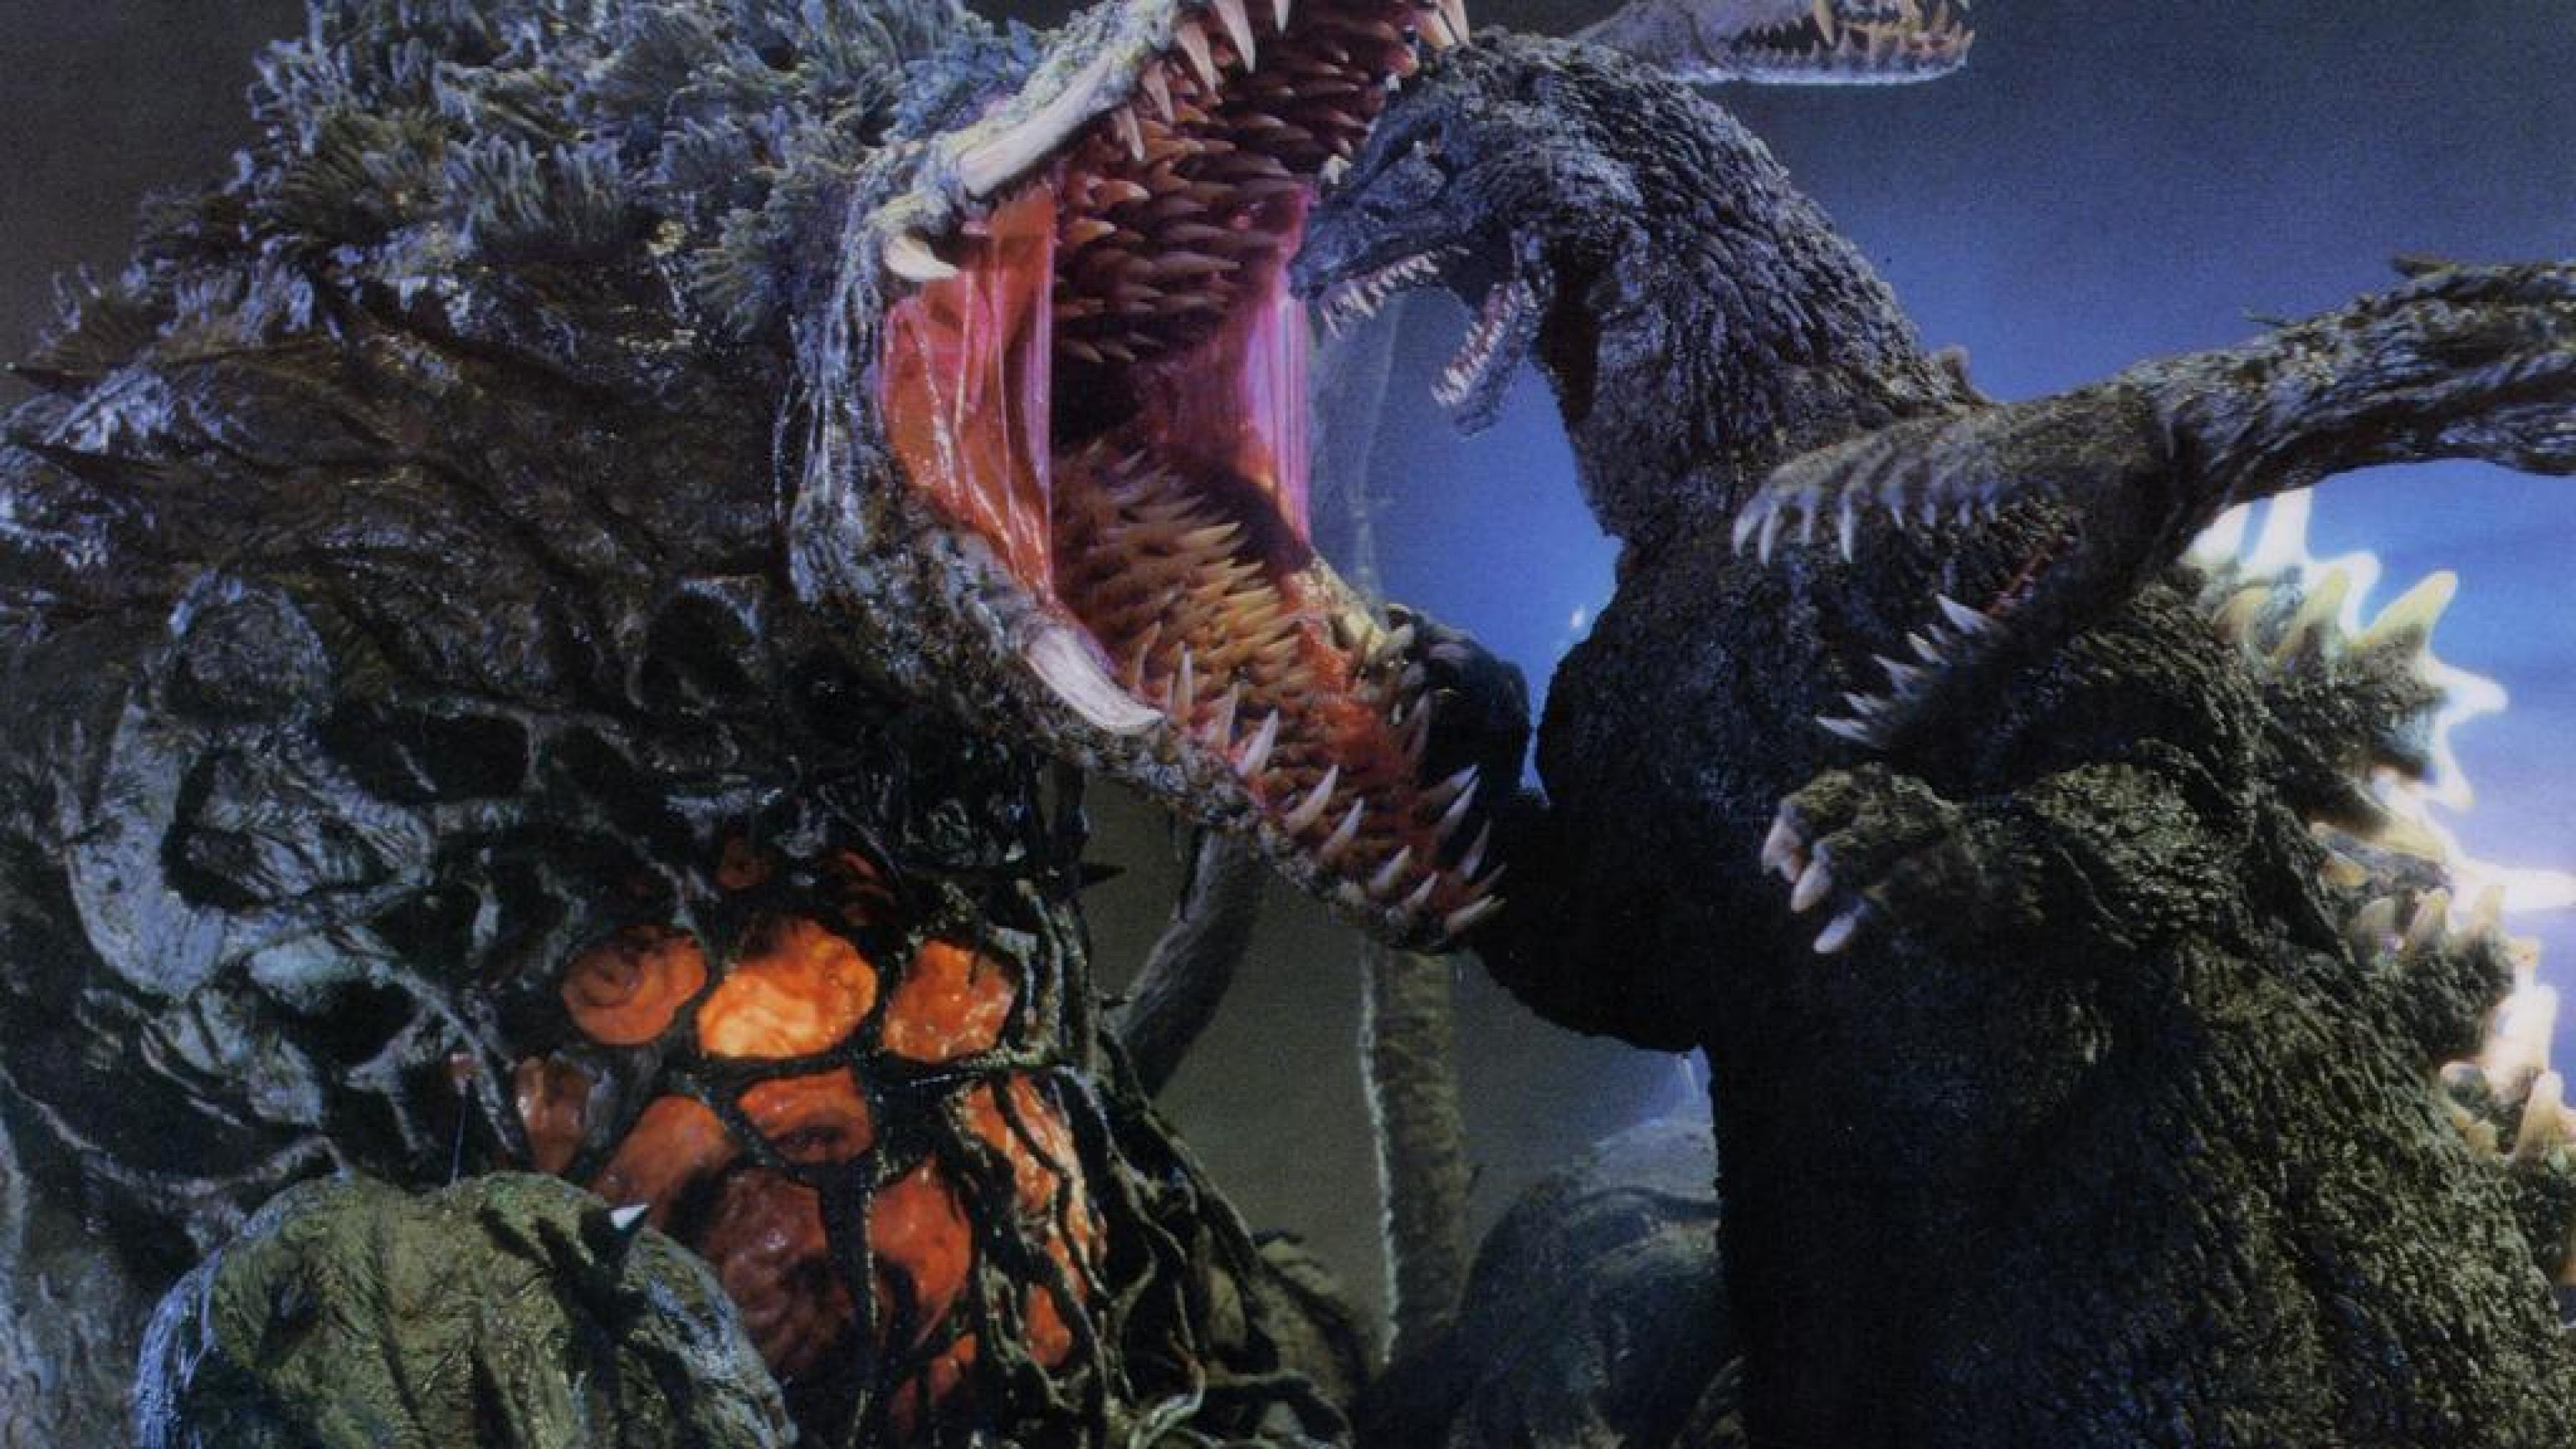 3840x2160 Godzilla vs biollante Movie Hình nền HD, Nền máy tính